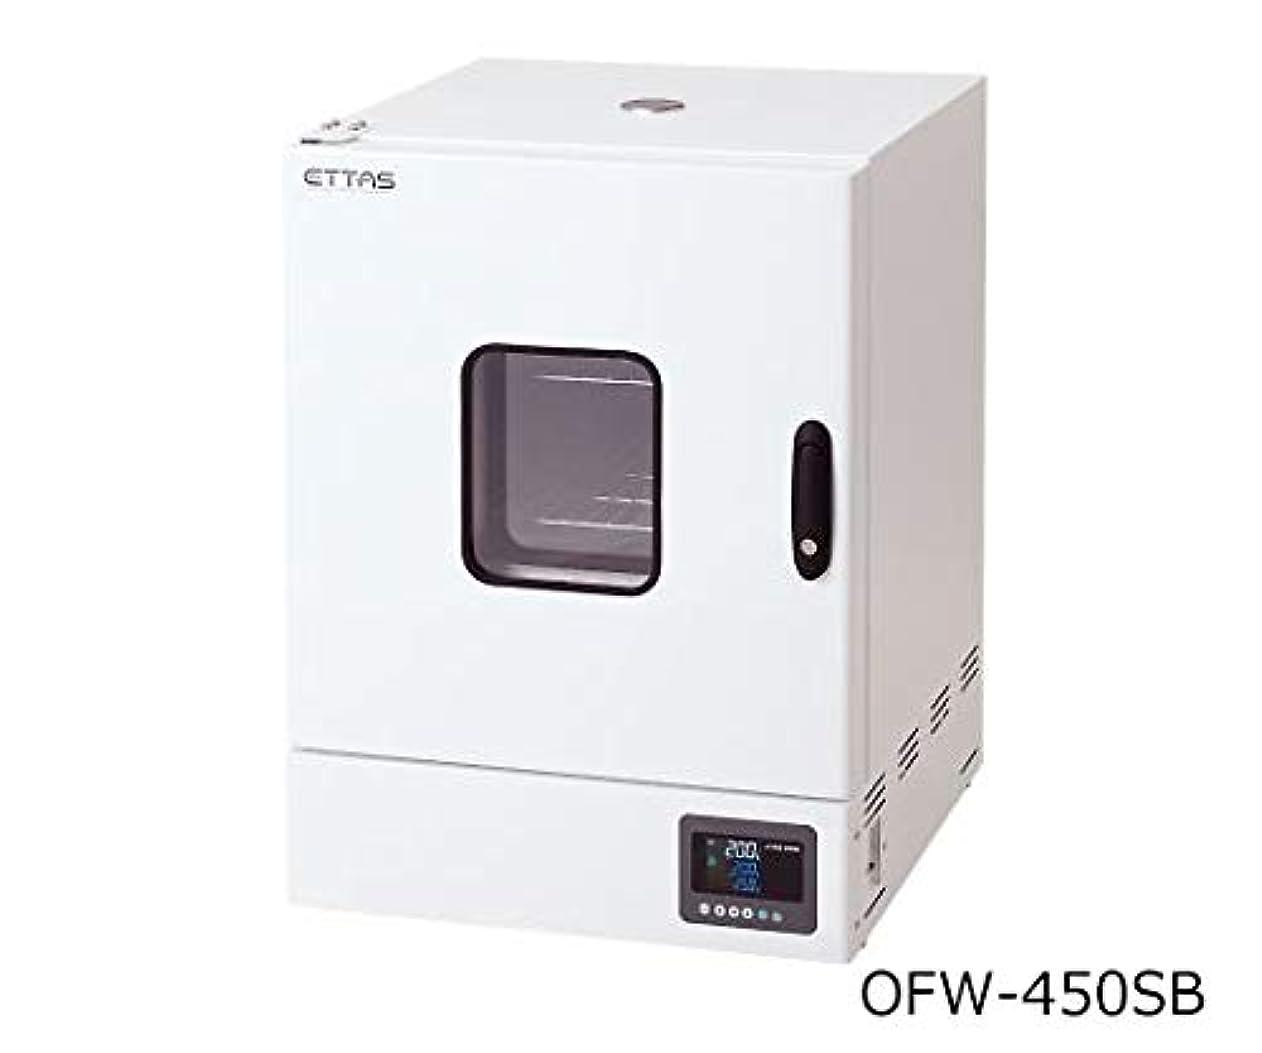 アズワン 定温乾燥器(強制対流方式) スチールタイプ?窓付き 左扉 出荷前点検検査書付 /1-9000-32-22